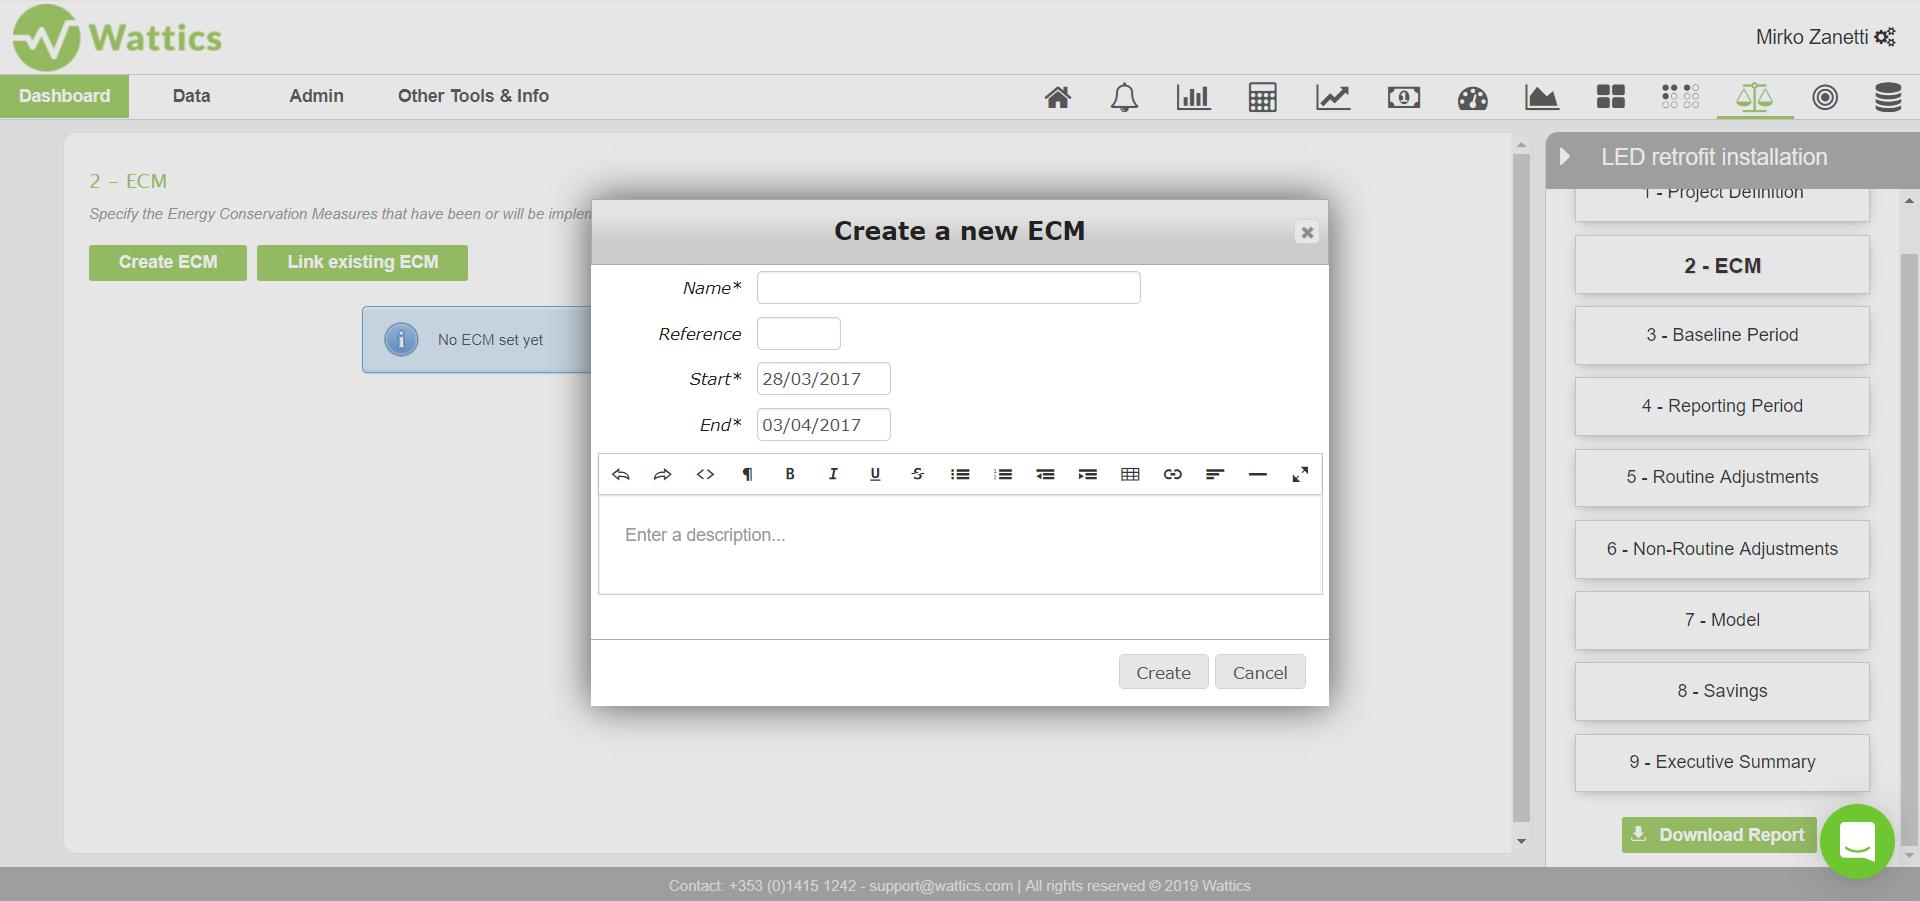 Create a new ECM dialog box